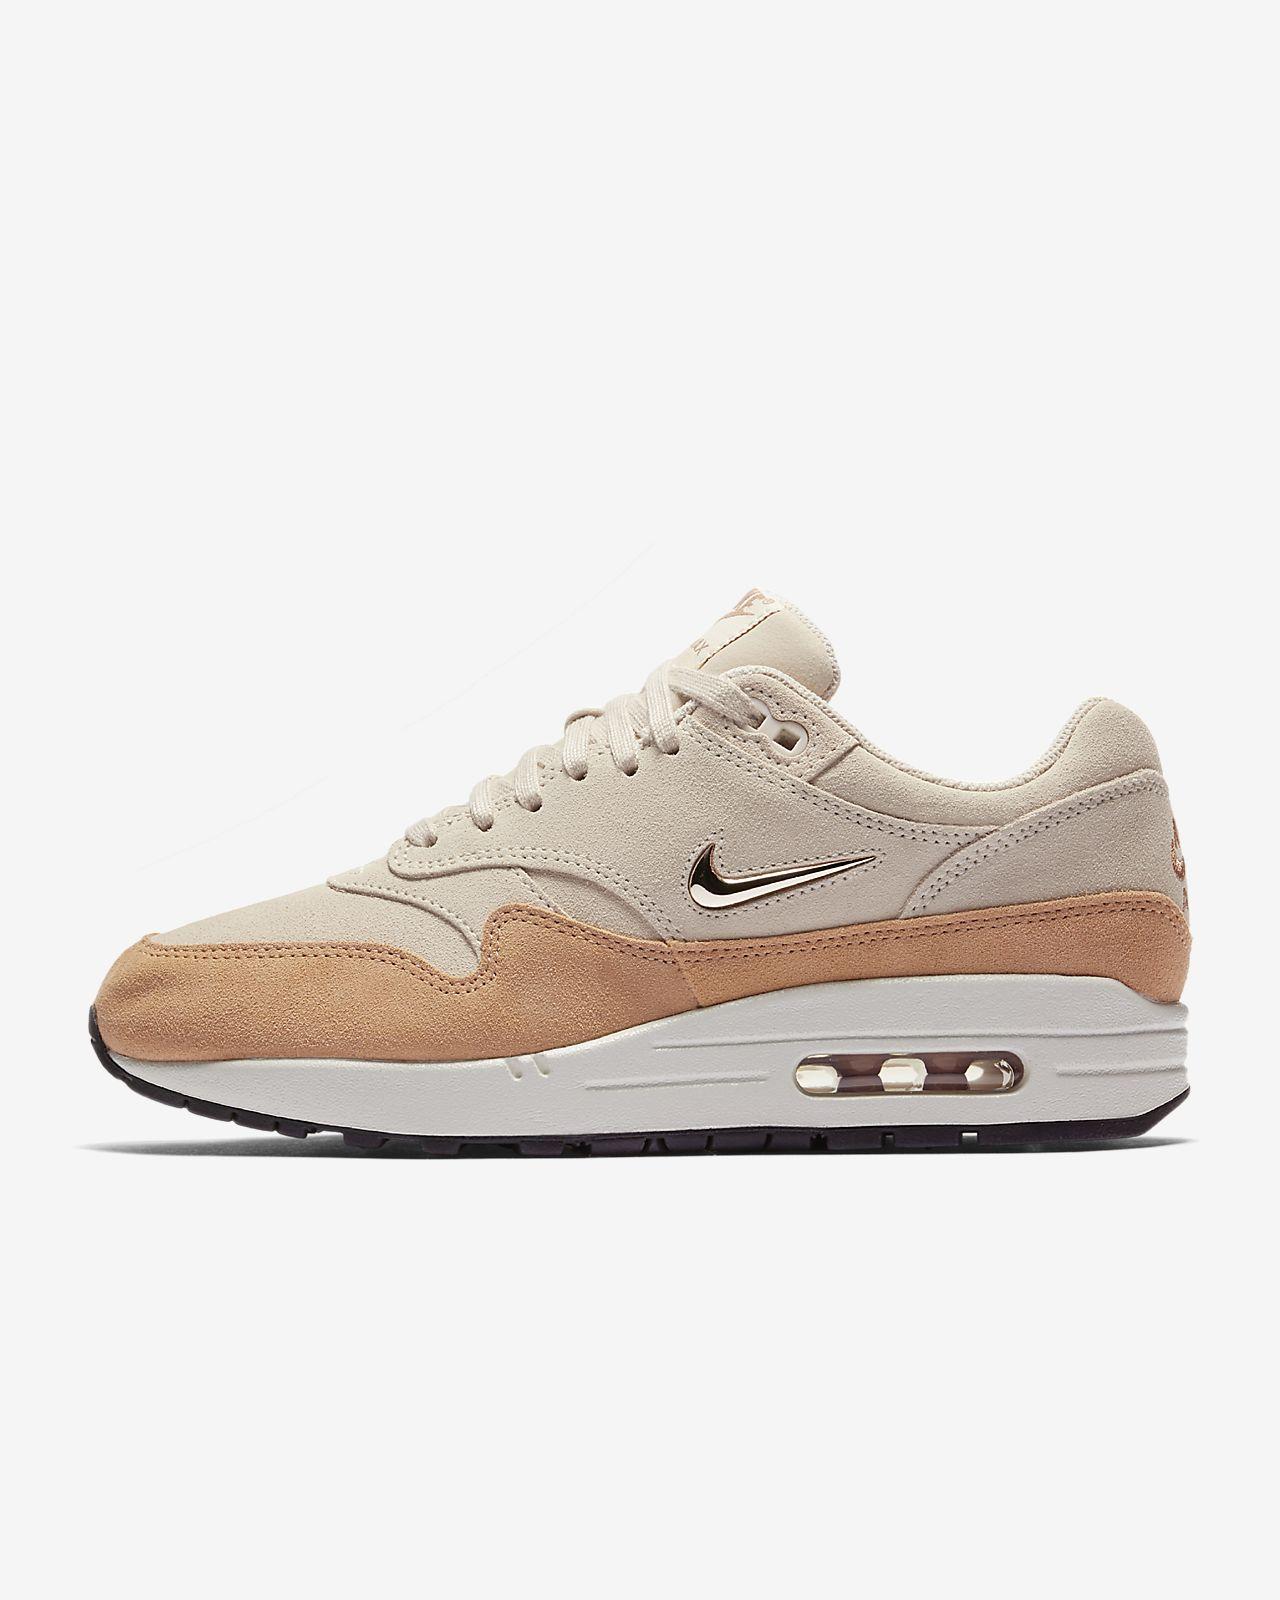 3b95cc4ca9b3 Nike Air Max 1 Premium SC Women s Shoe. Nike.com GB